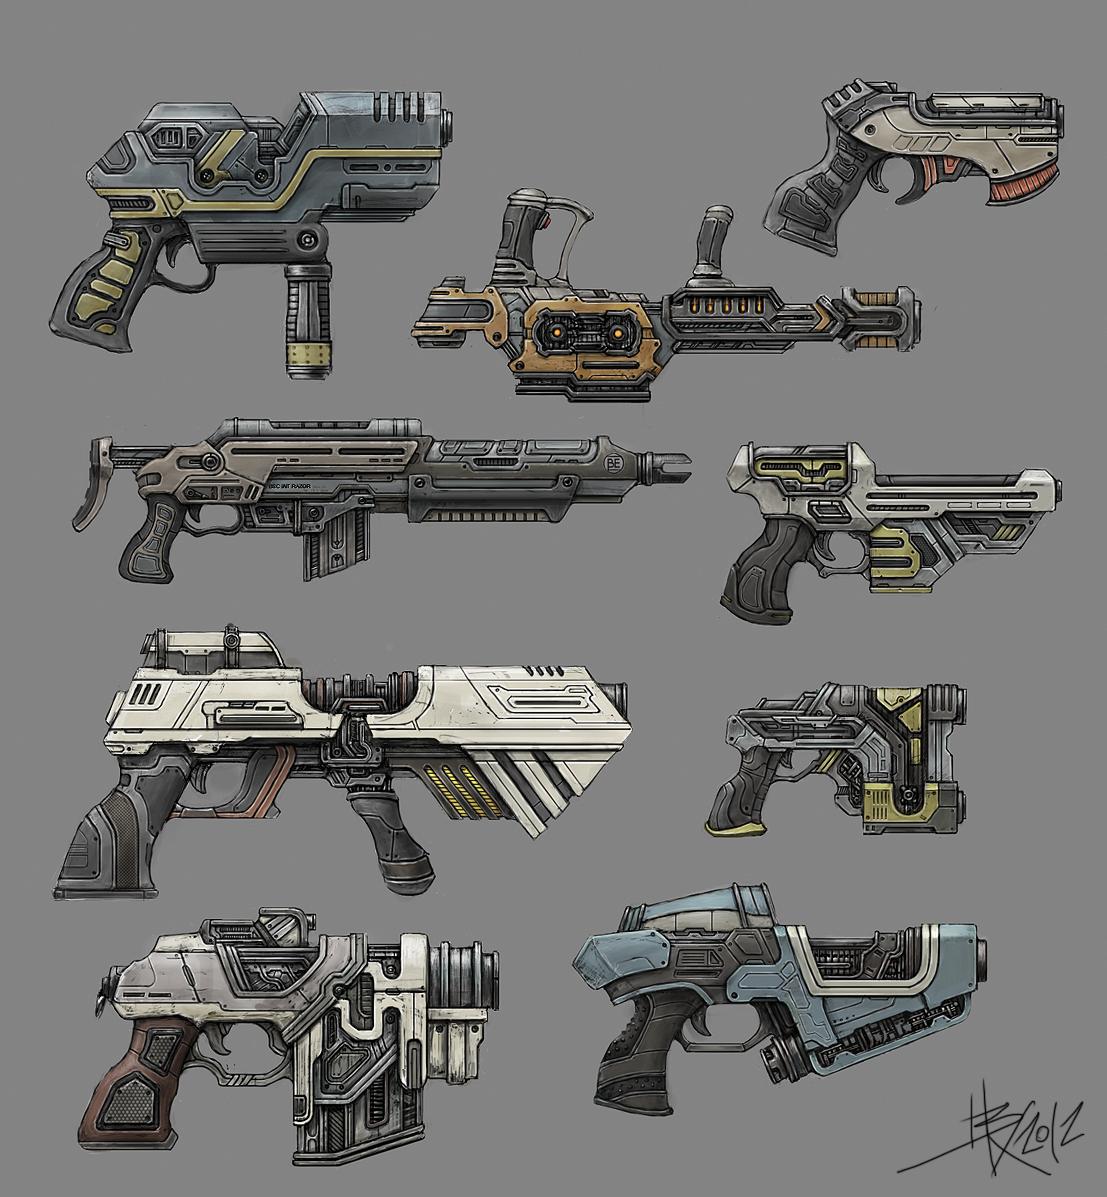 Blaisoid - Sci-fi gun concepts This concept shows some ...